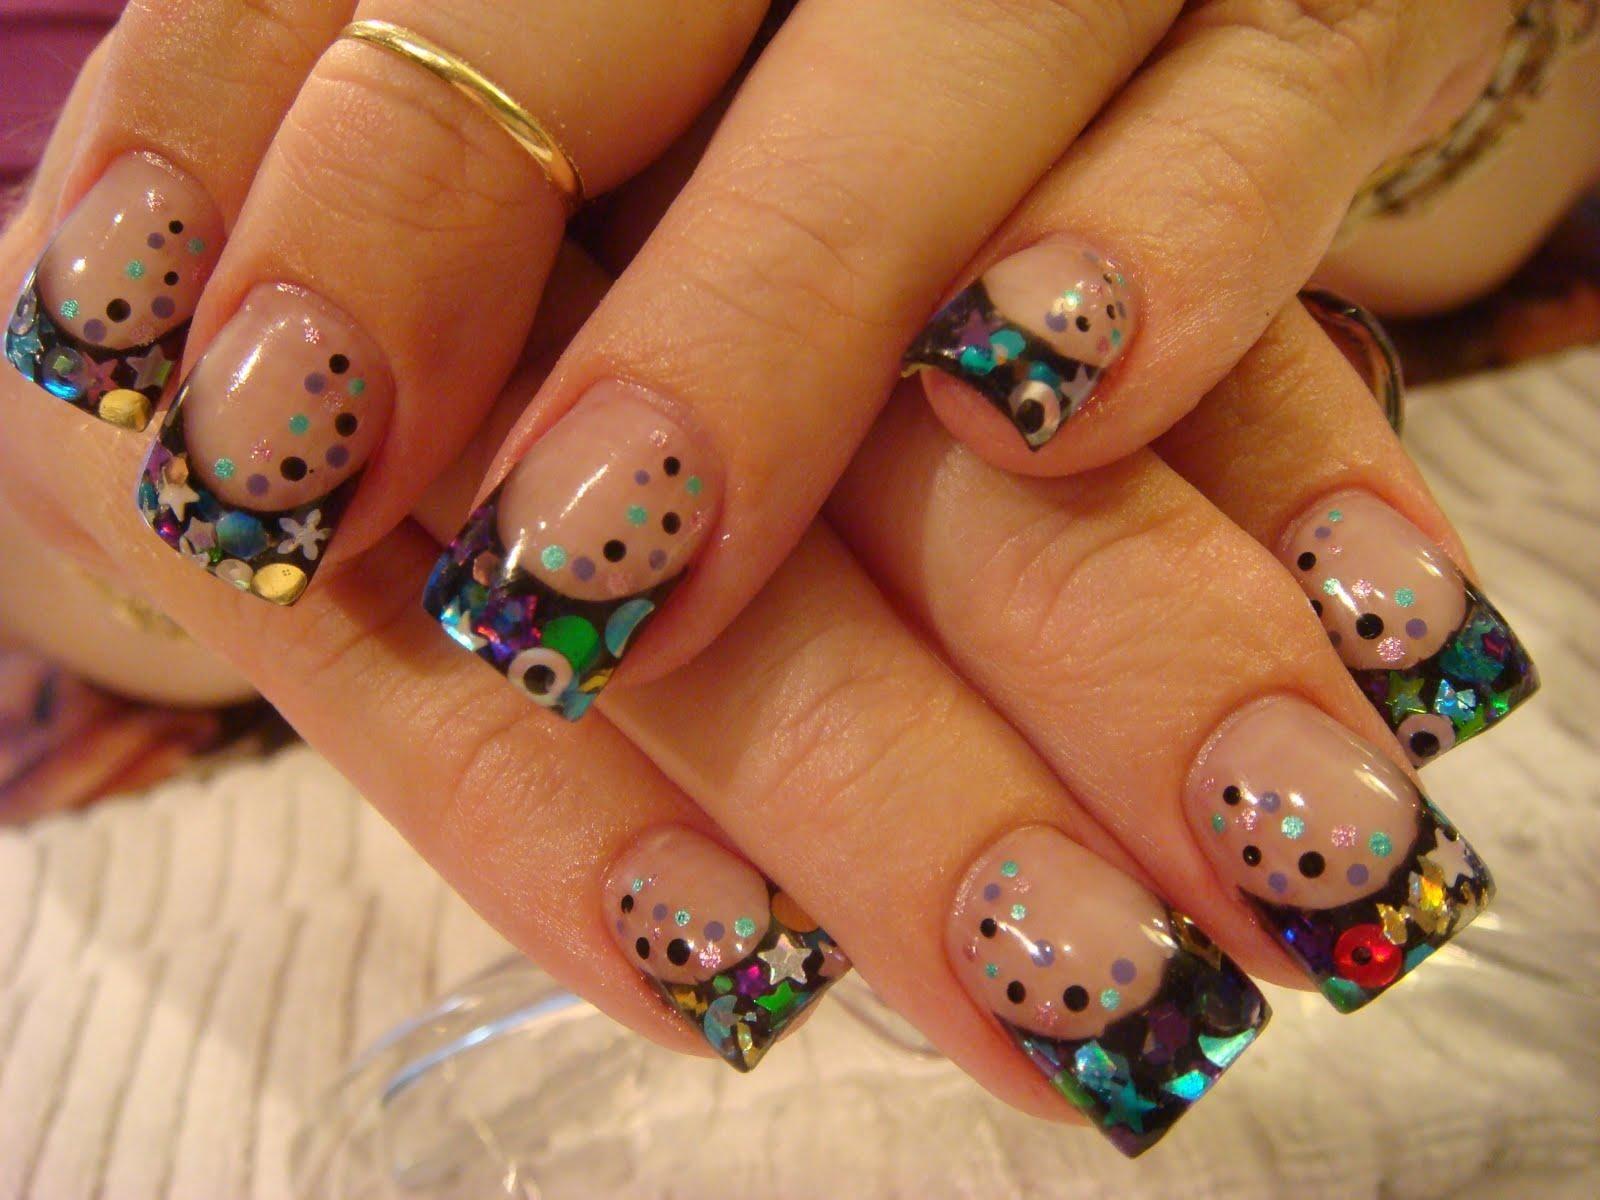 Acrylic nail designs   Nails   Nails!!!   Pinterest   Acrylic nail ...